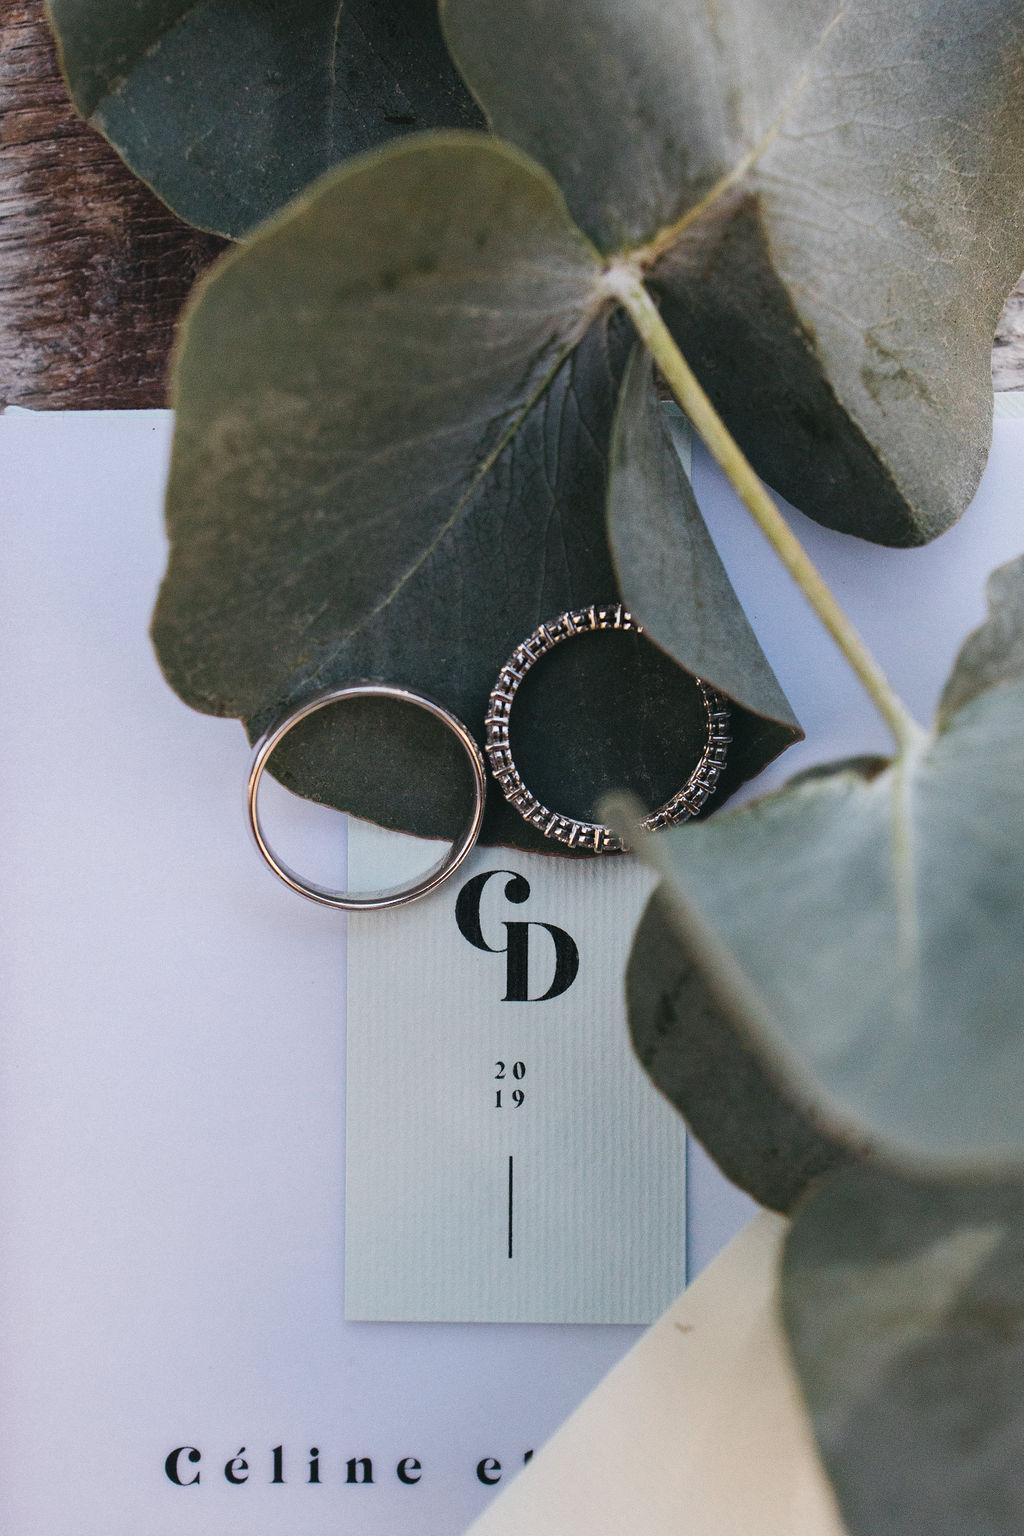 organisation de mariage sur le thème eucalyptus. Empreinte Ephémère wedding planner Provence, paris, normandie